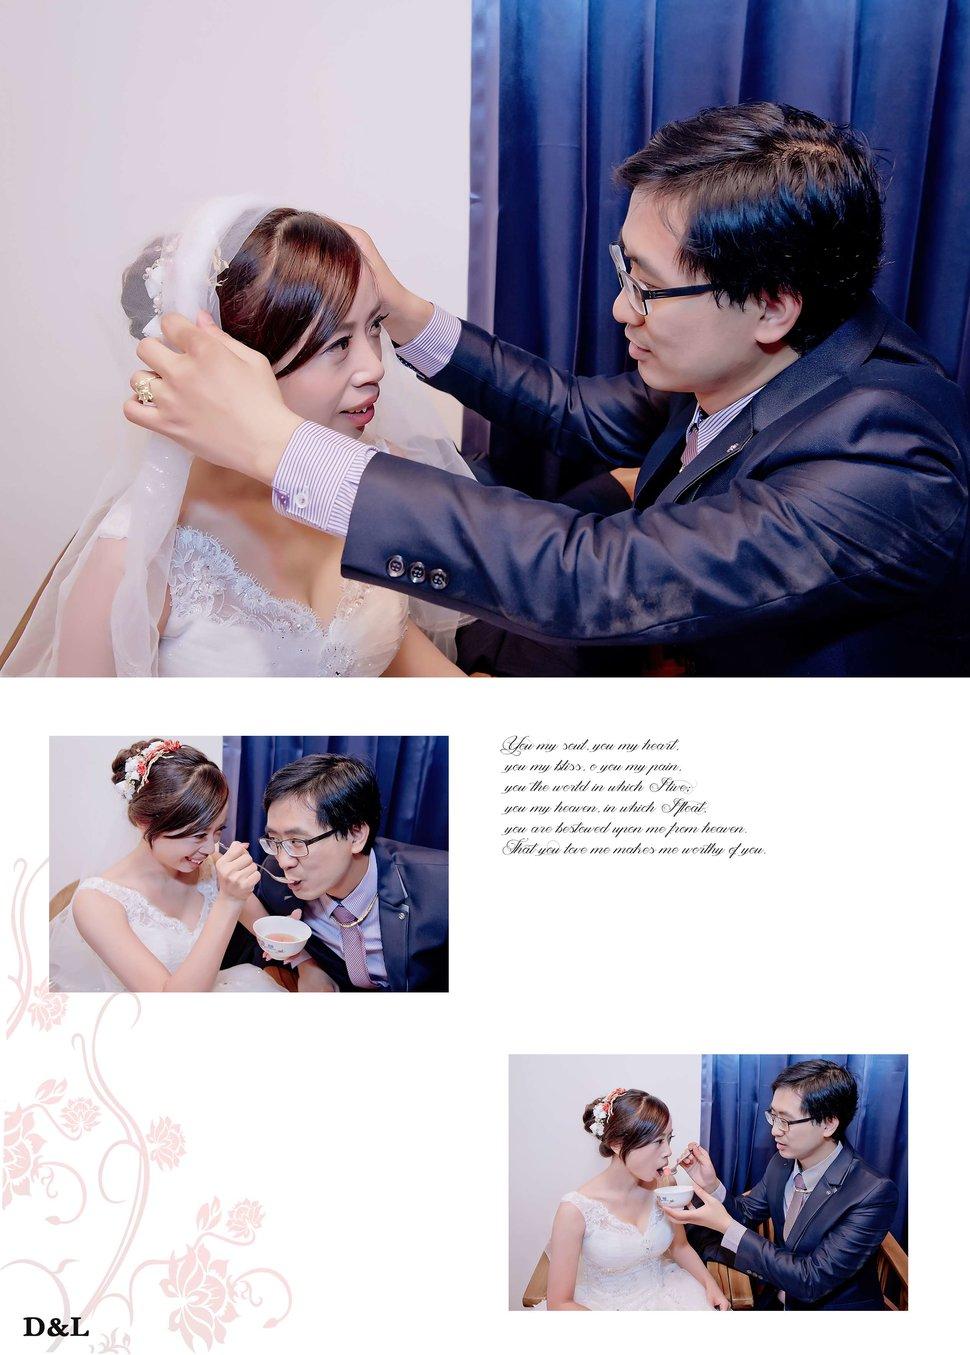 婚禮記錄 維信&佩君(編號:374405) - D&L 婚禮事務-婚紗攝影/婚禮記錄 - 結婚吧一站式婚禮服務平台